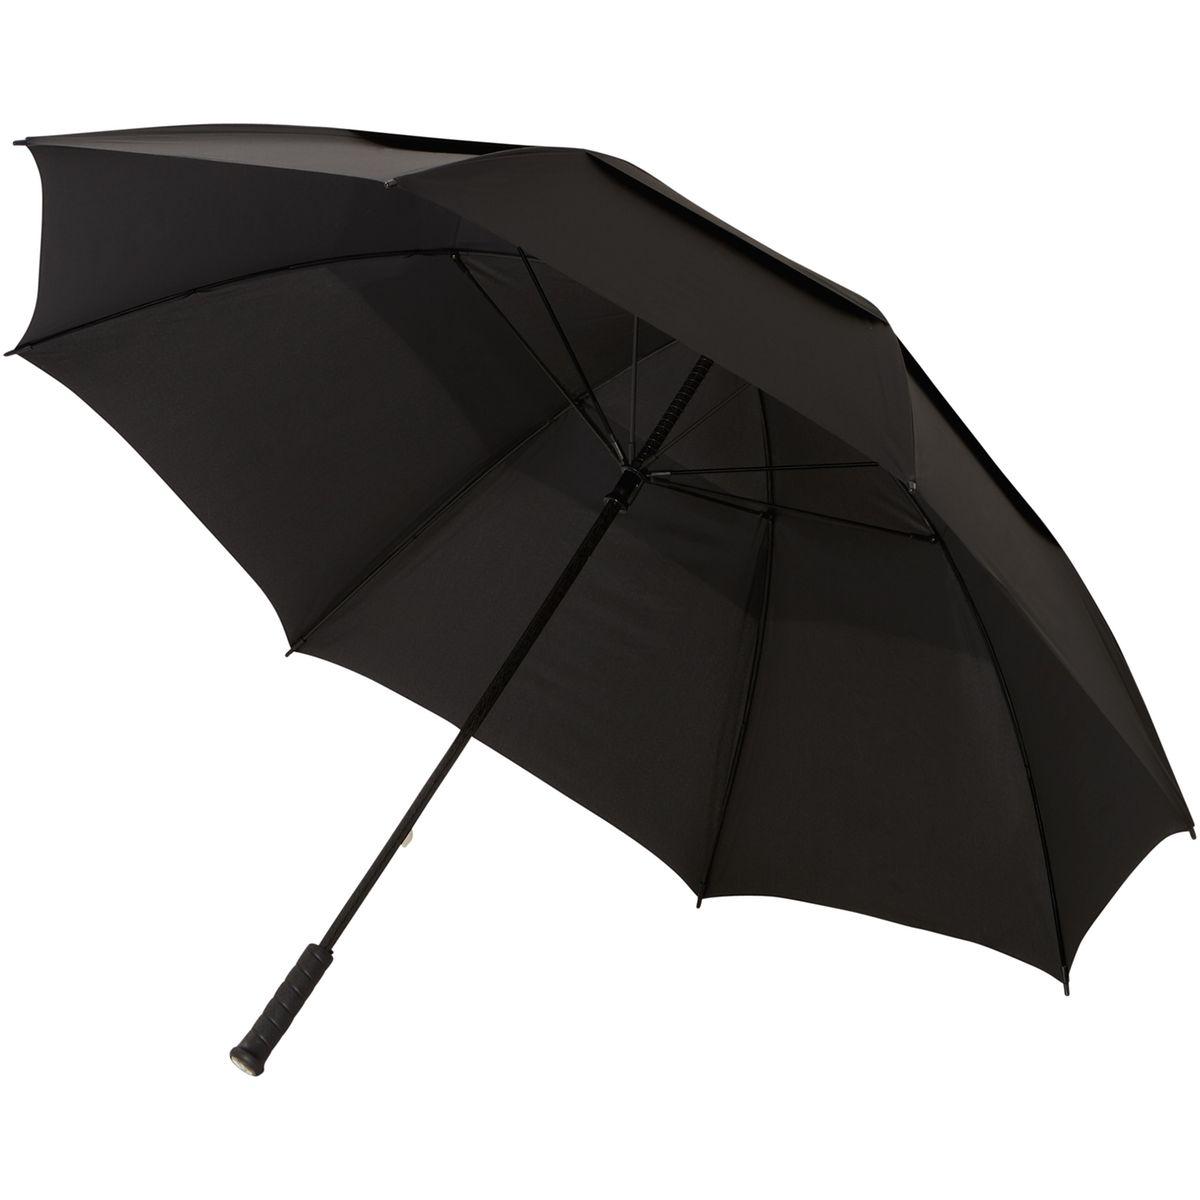 Parapluie coupe-vent NEWPORT